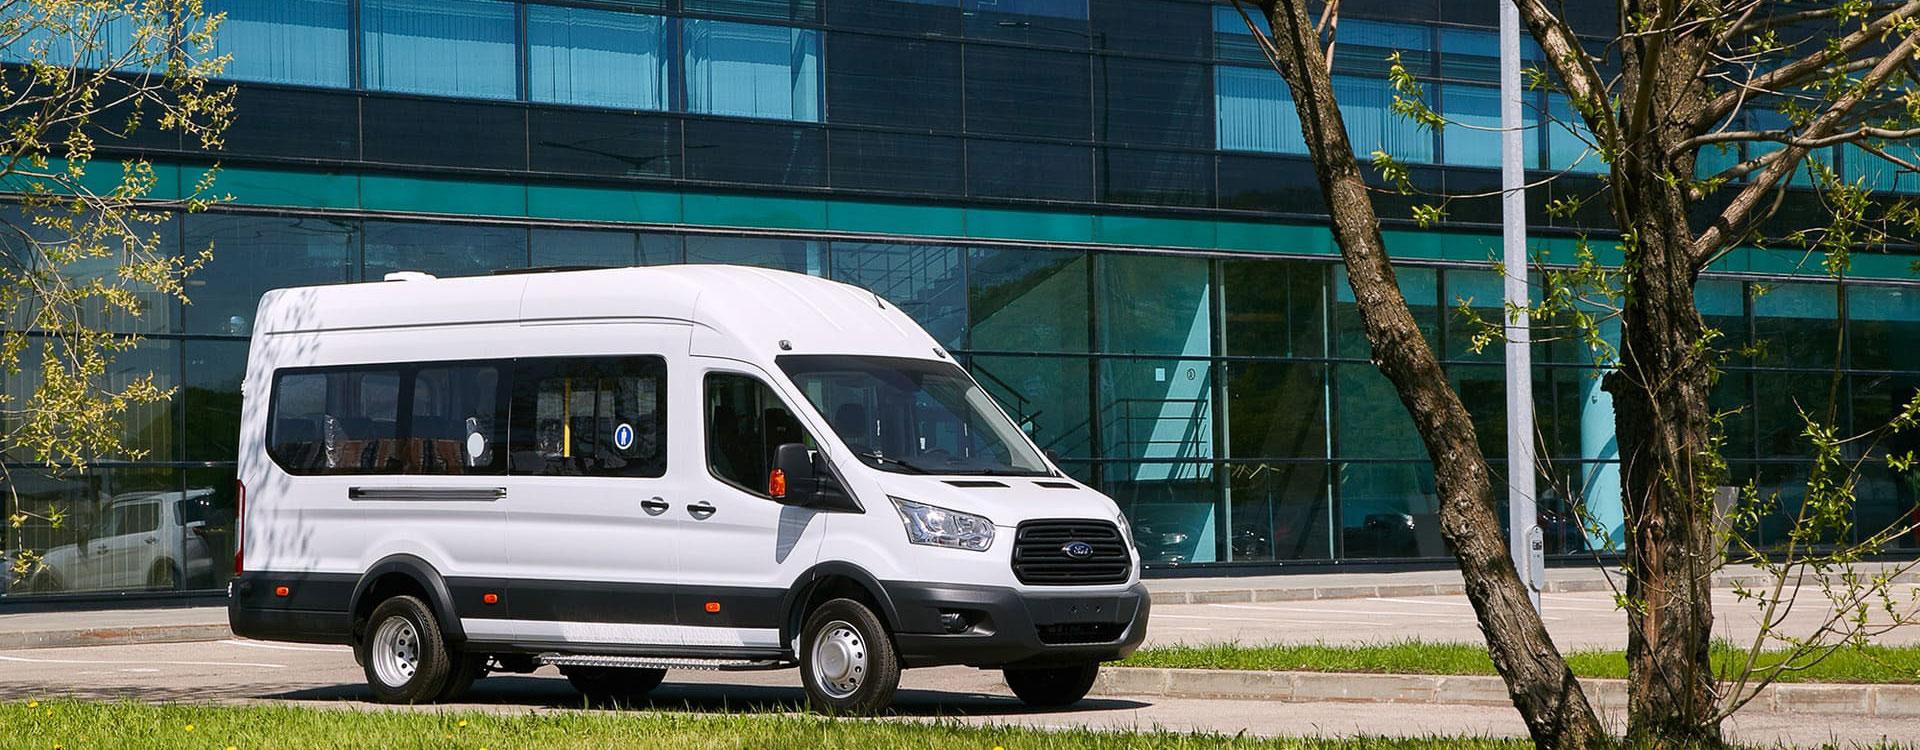 купить автобус в кредит без первоначального взноса кредит 24 7 без отказа vam-groshi.com.ua